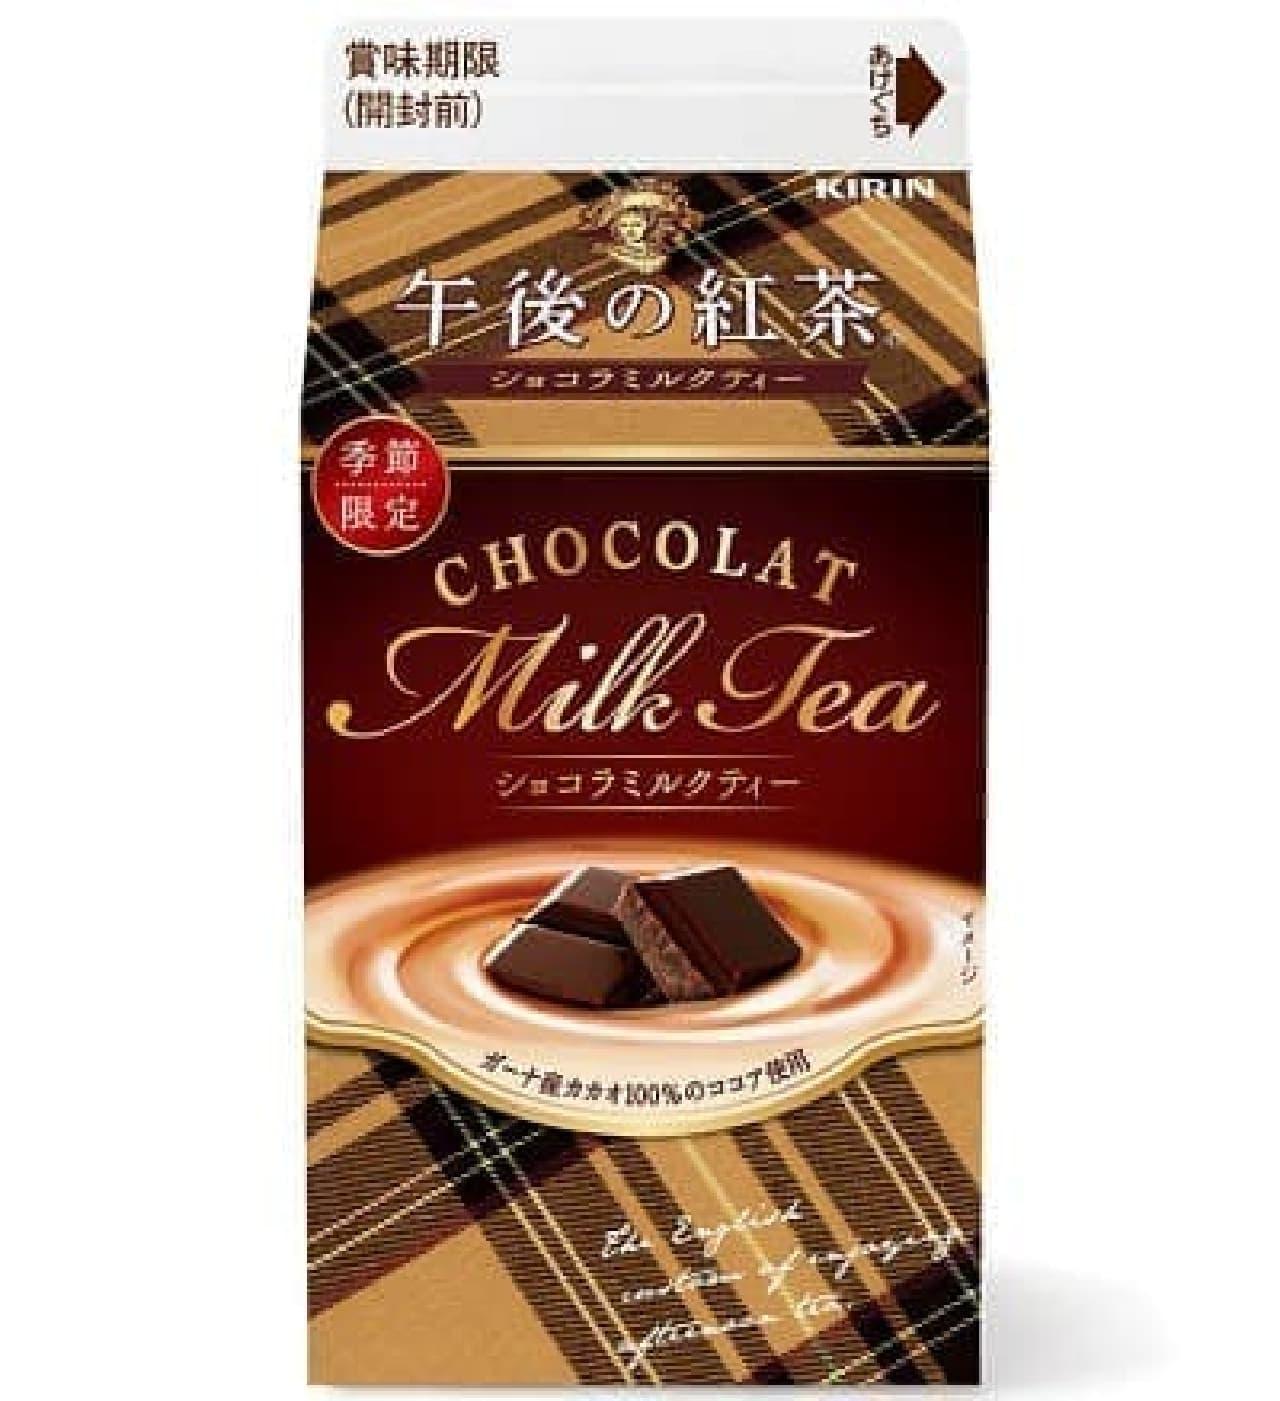 キリン 午後の紅茶 ショコラミルクティー